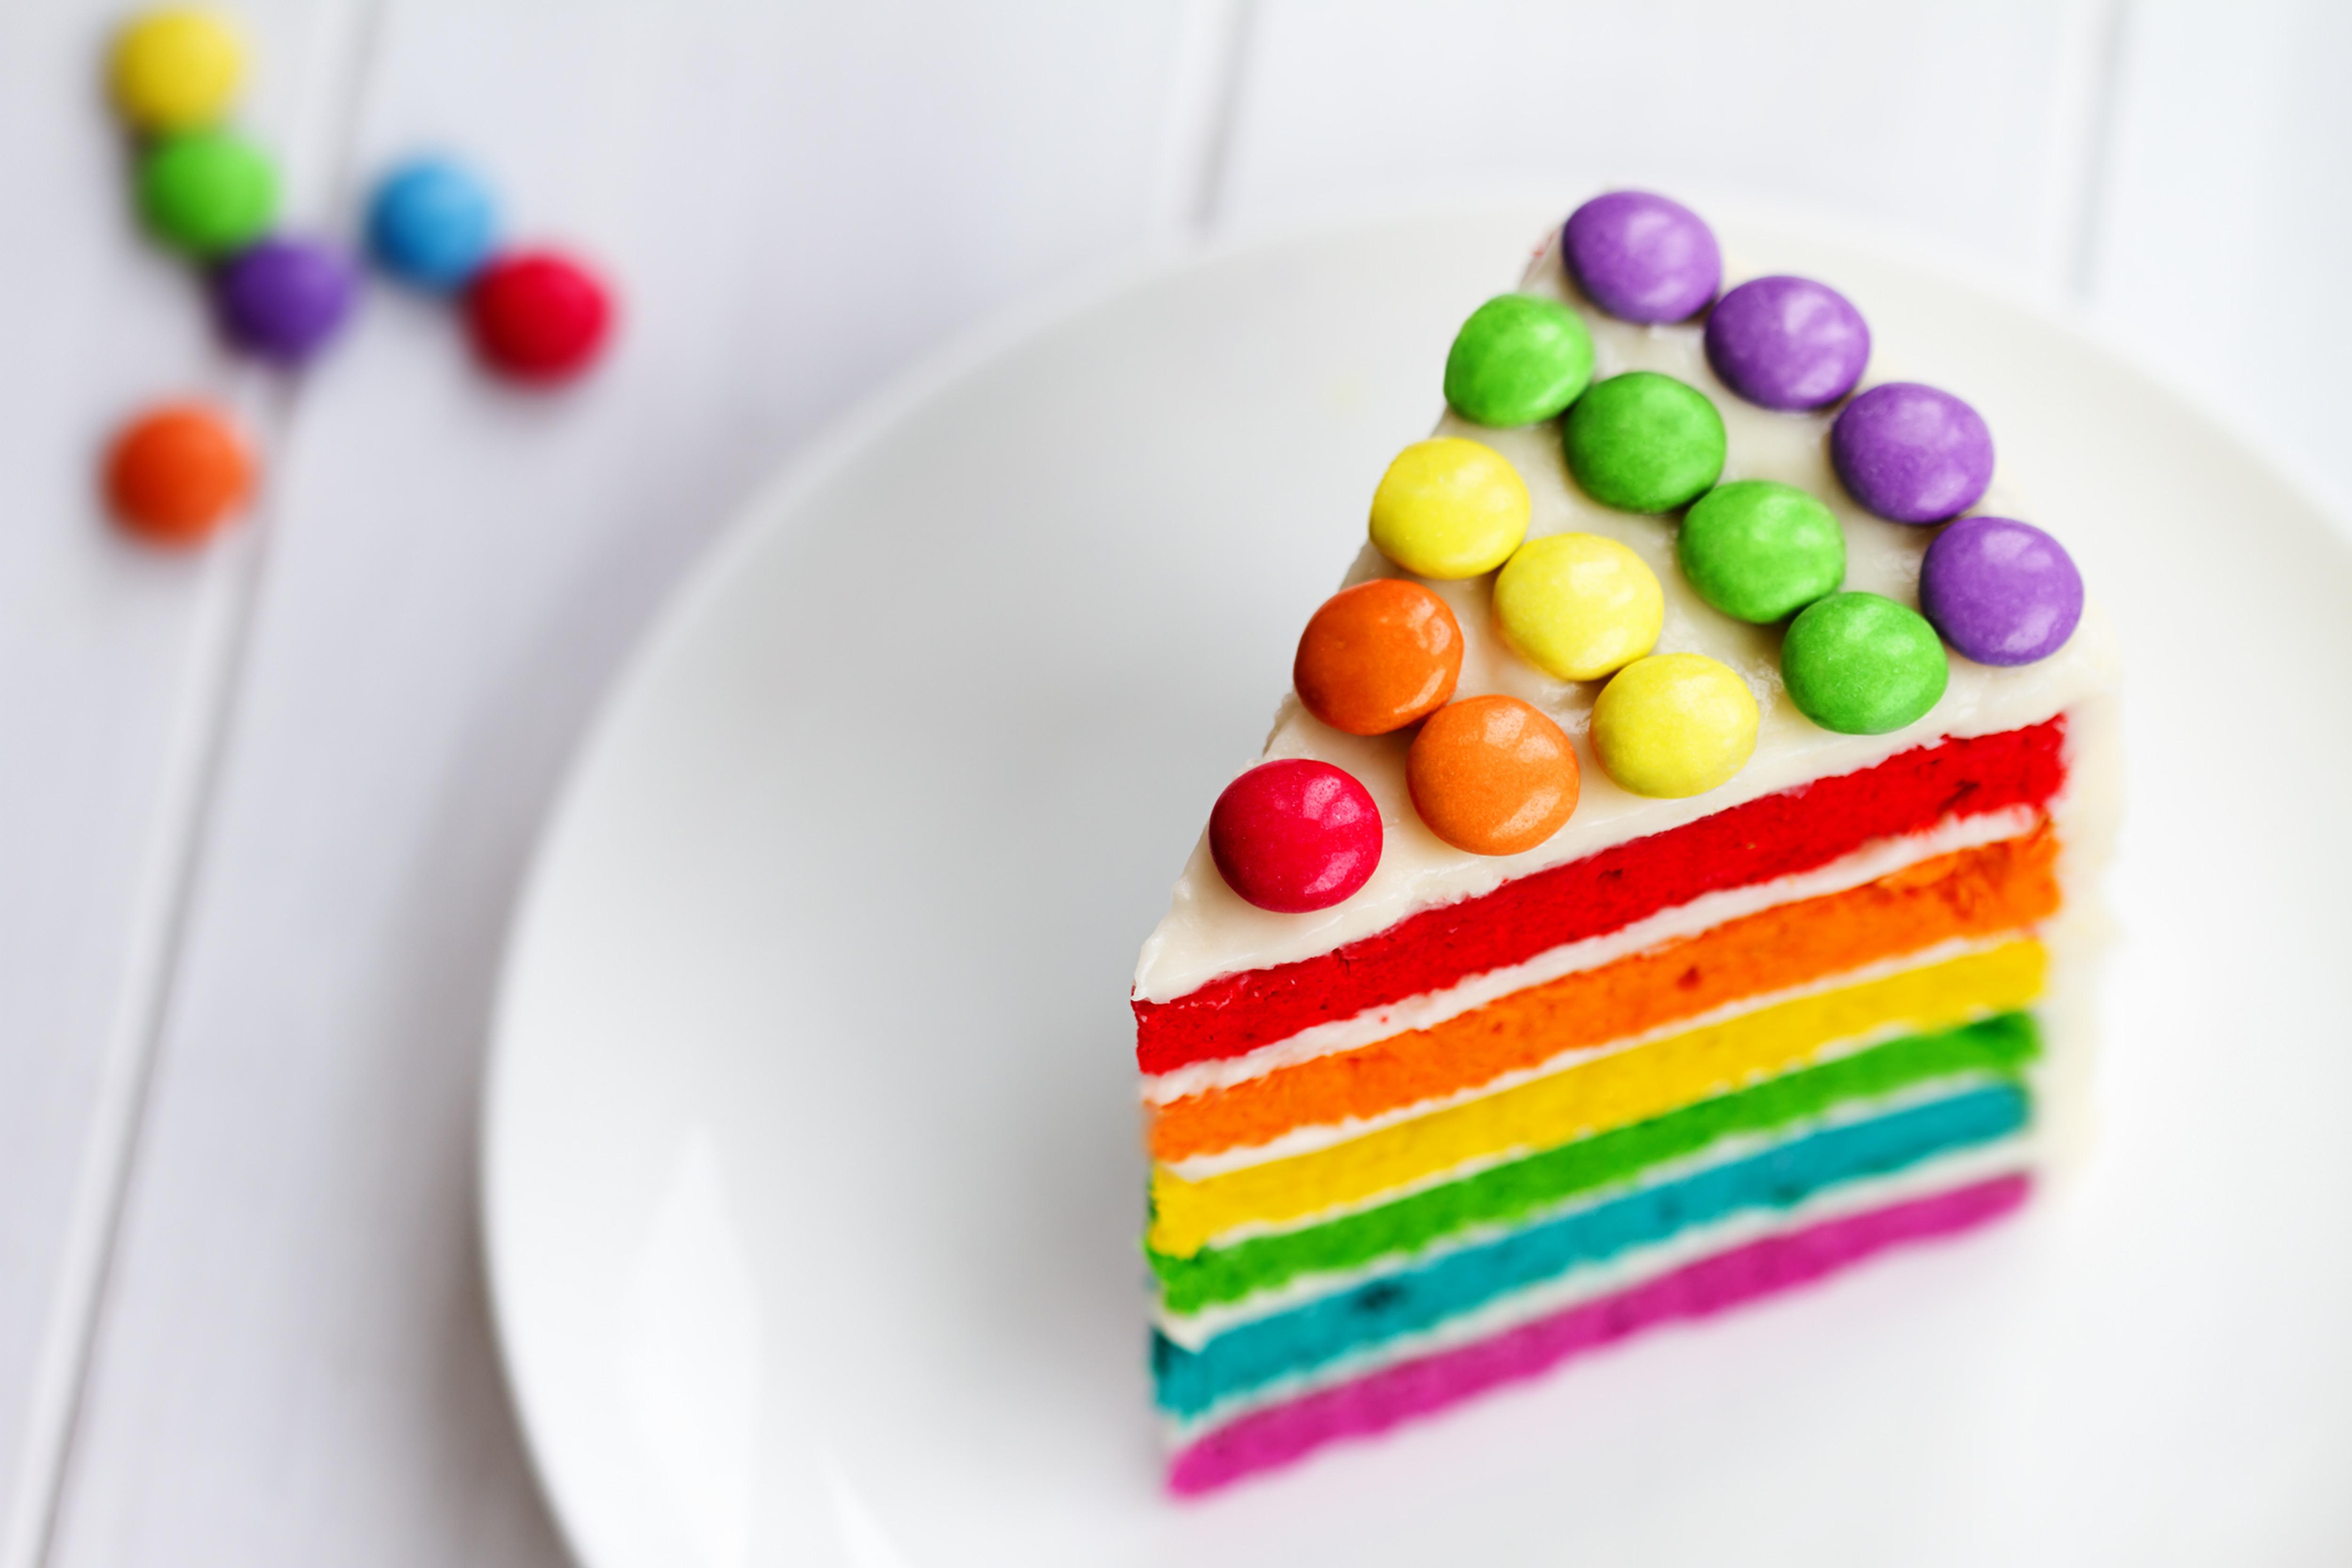 Картинка День рождения Разноцветные Торты часть Продукты питания 5000x3334 Кусок кусочки кусочек Еда Пища